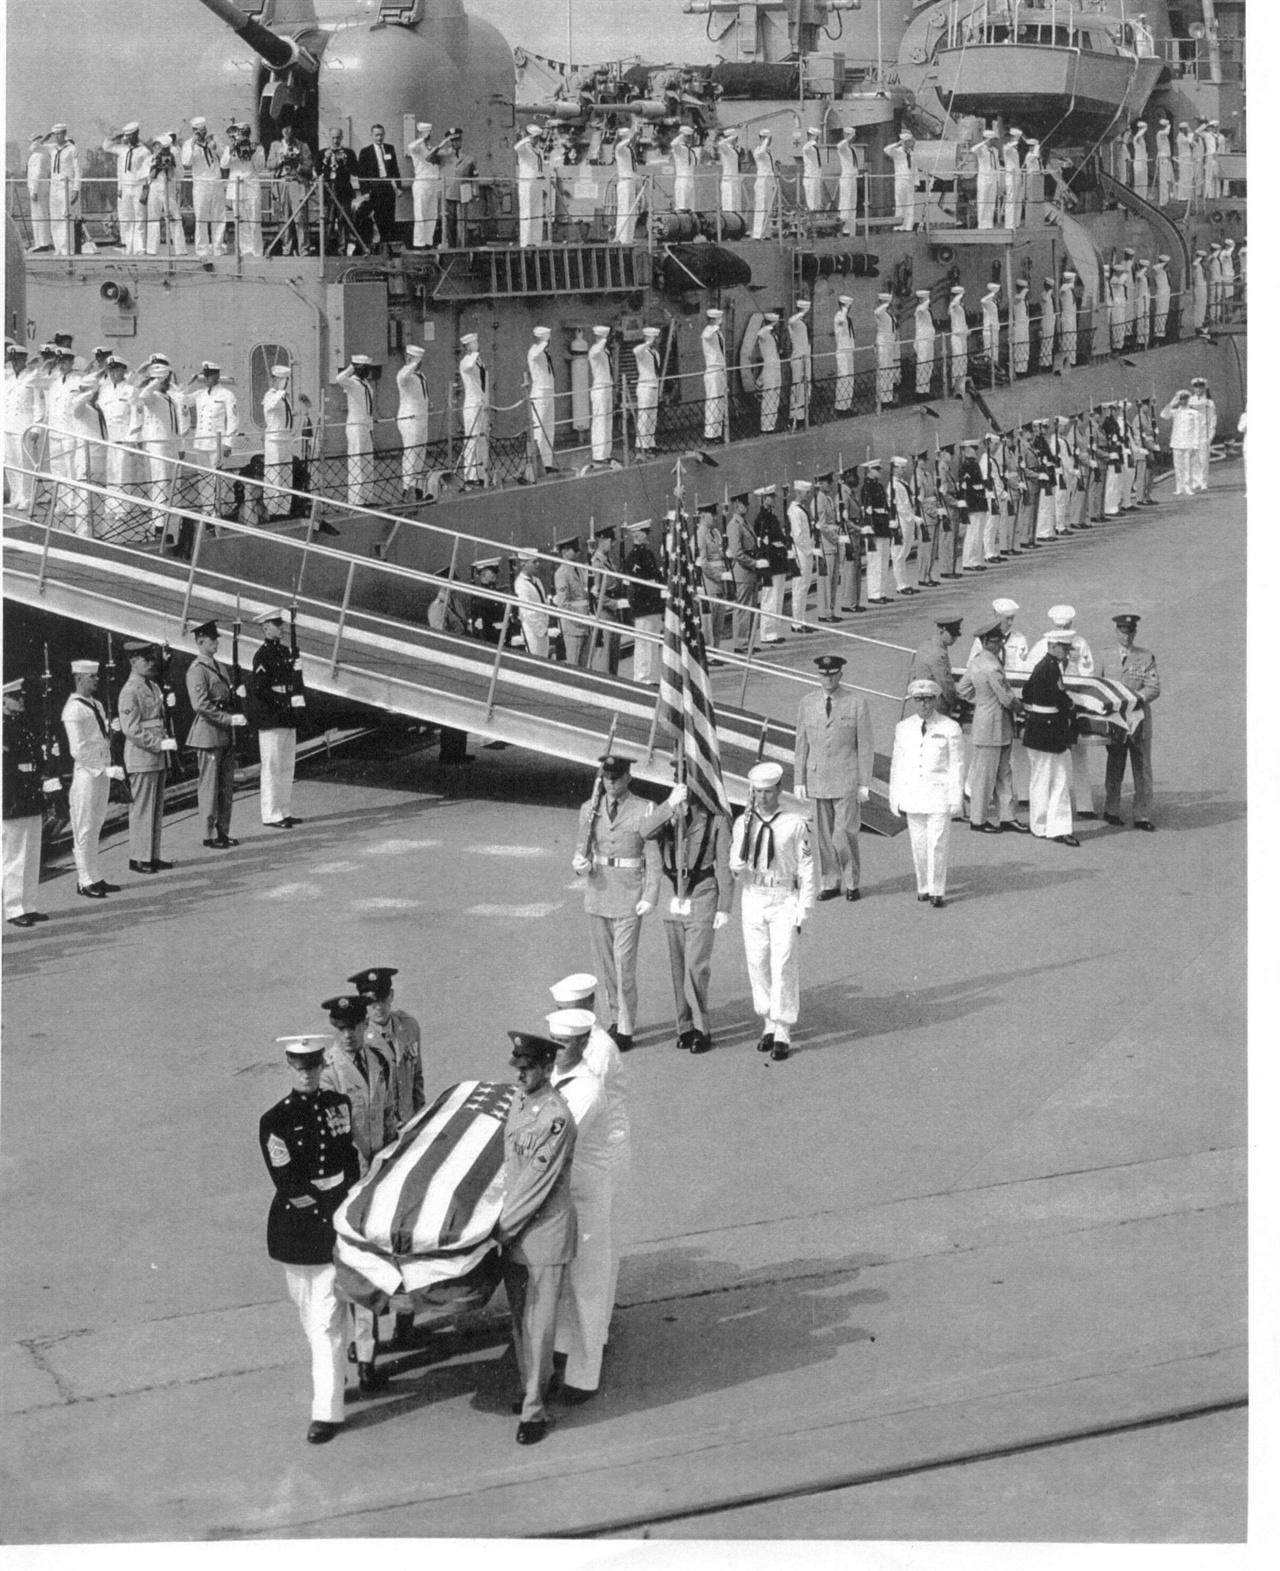 1958. 5. 28. 미군 무명용사의 시신을 성조기로 감싼 채 본국으로 송환하고 있다.